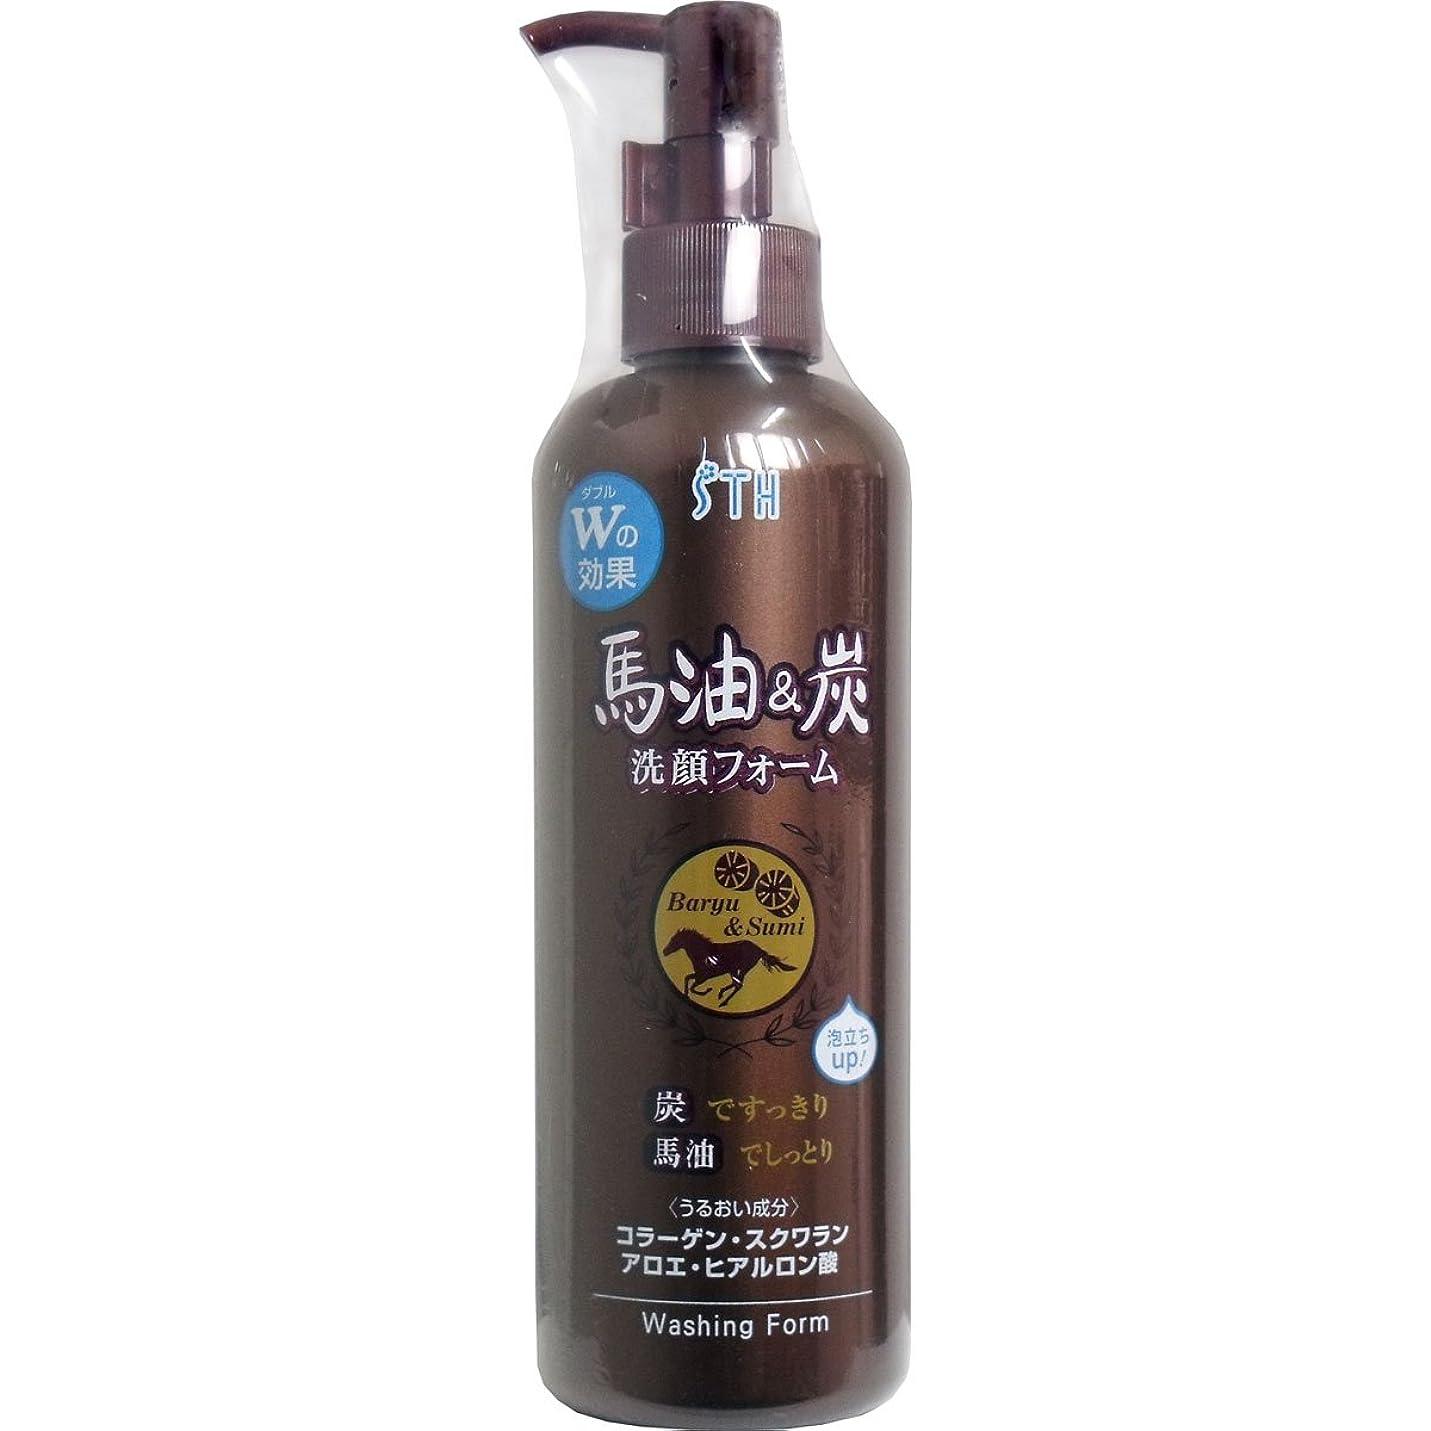 近代化回路特別な馬油&炭 洗顔フォーム 250ml